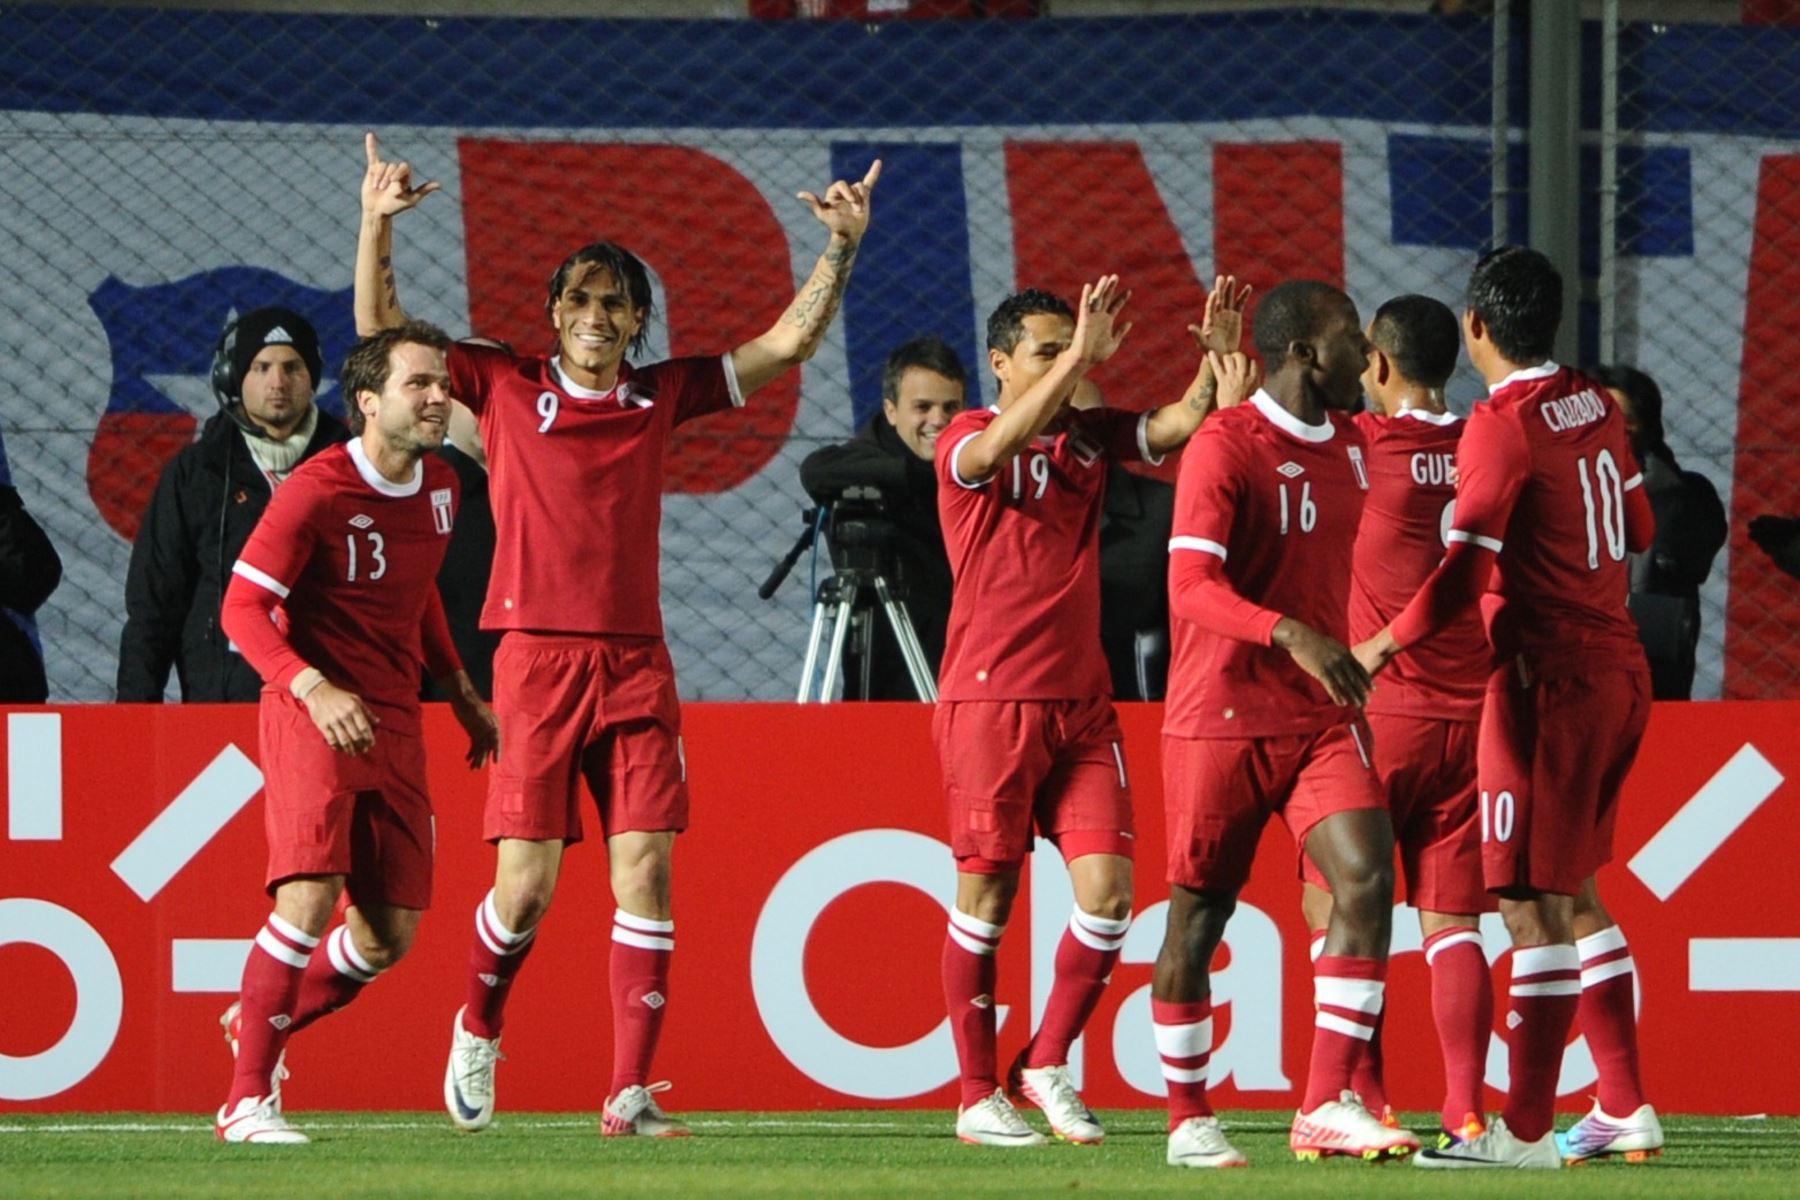 Los jugadores peruanos celebran después de que su compañero Paolo Guerrero (2-L) abrió el marcador contra Uruguay durante su partido de fútbol de primera ronda de la Copa América Grupo C 2011, en el estadio Estadio del Bicentenario en San Juan, 1126 Km al oeste de Buenos Aires, el 4 de julio. 2011. Foto: AFP